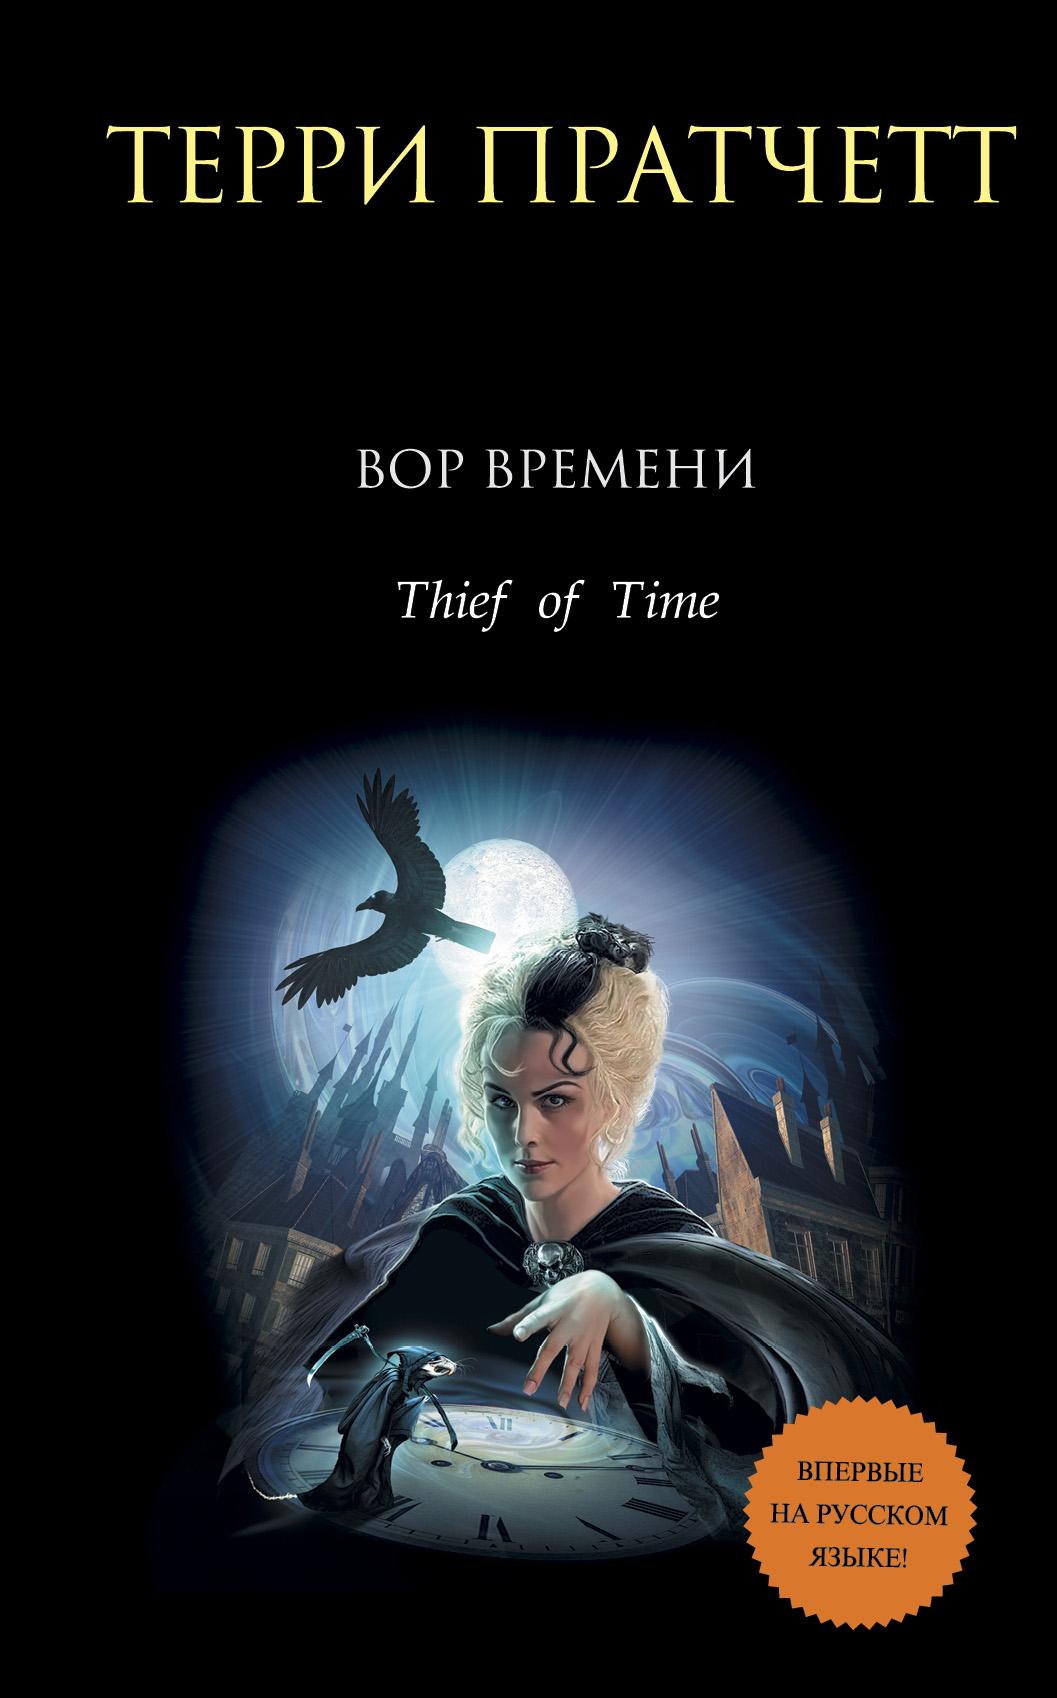 Файл:обложка книги терри пратчетта «вор времени». Jpg — википедия.